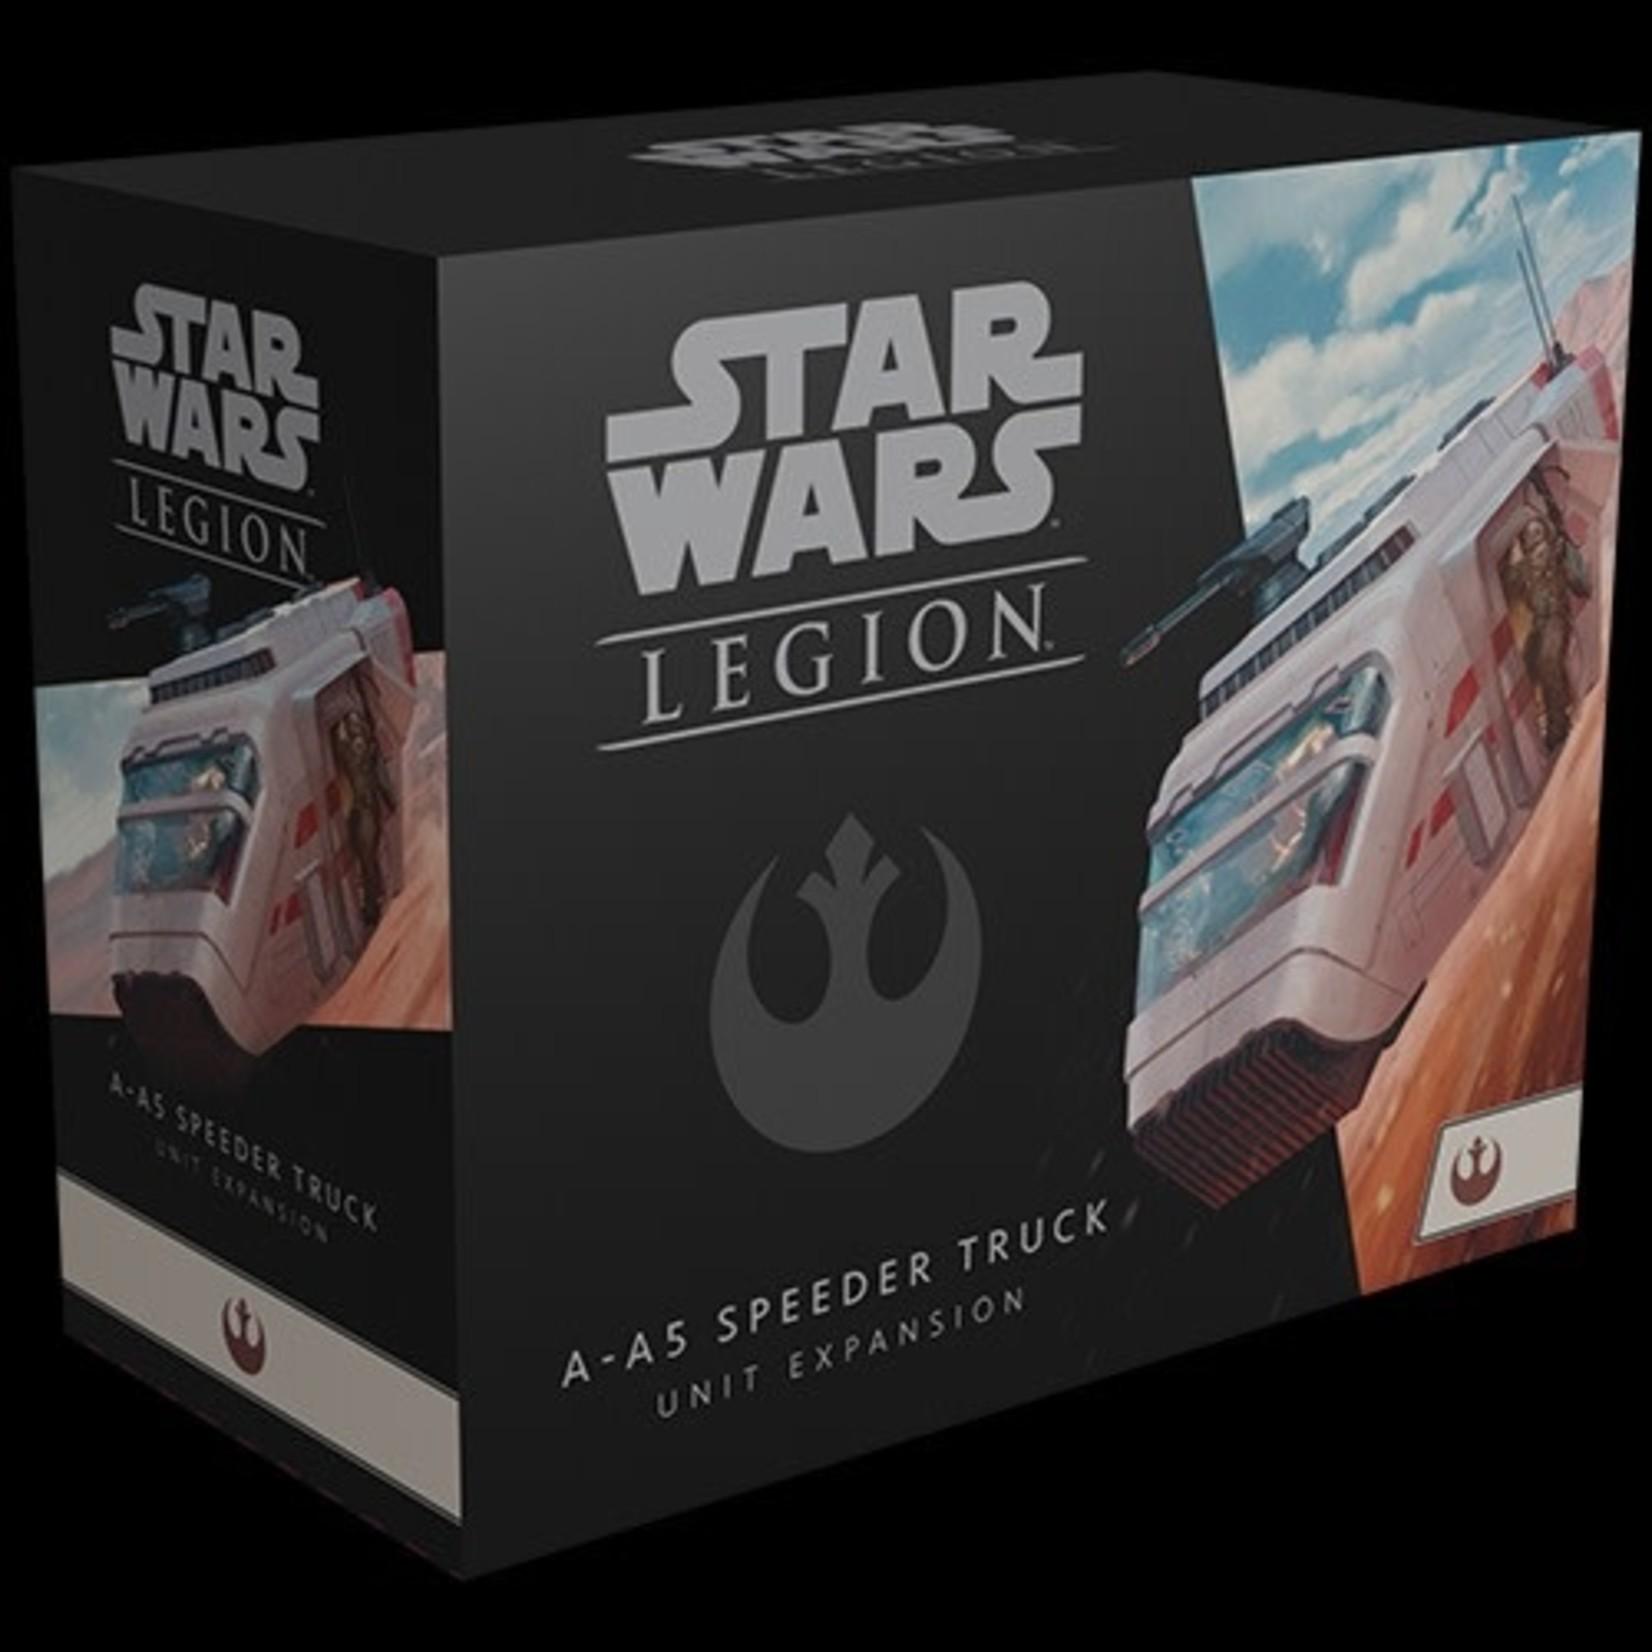 Fantasy Flight Games Star Wars Legion: A-A5 Speeder Truck Expansion